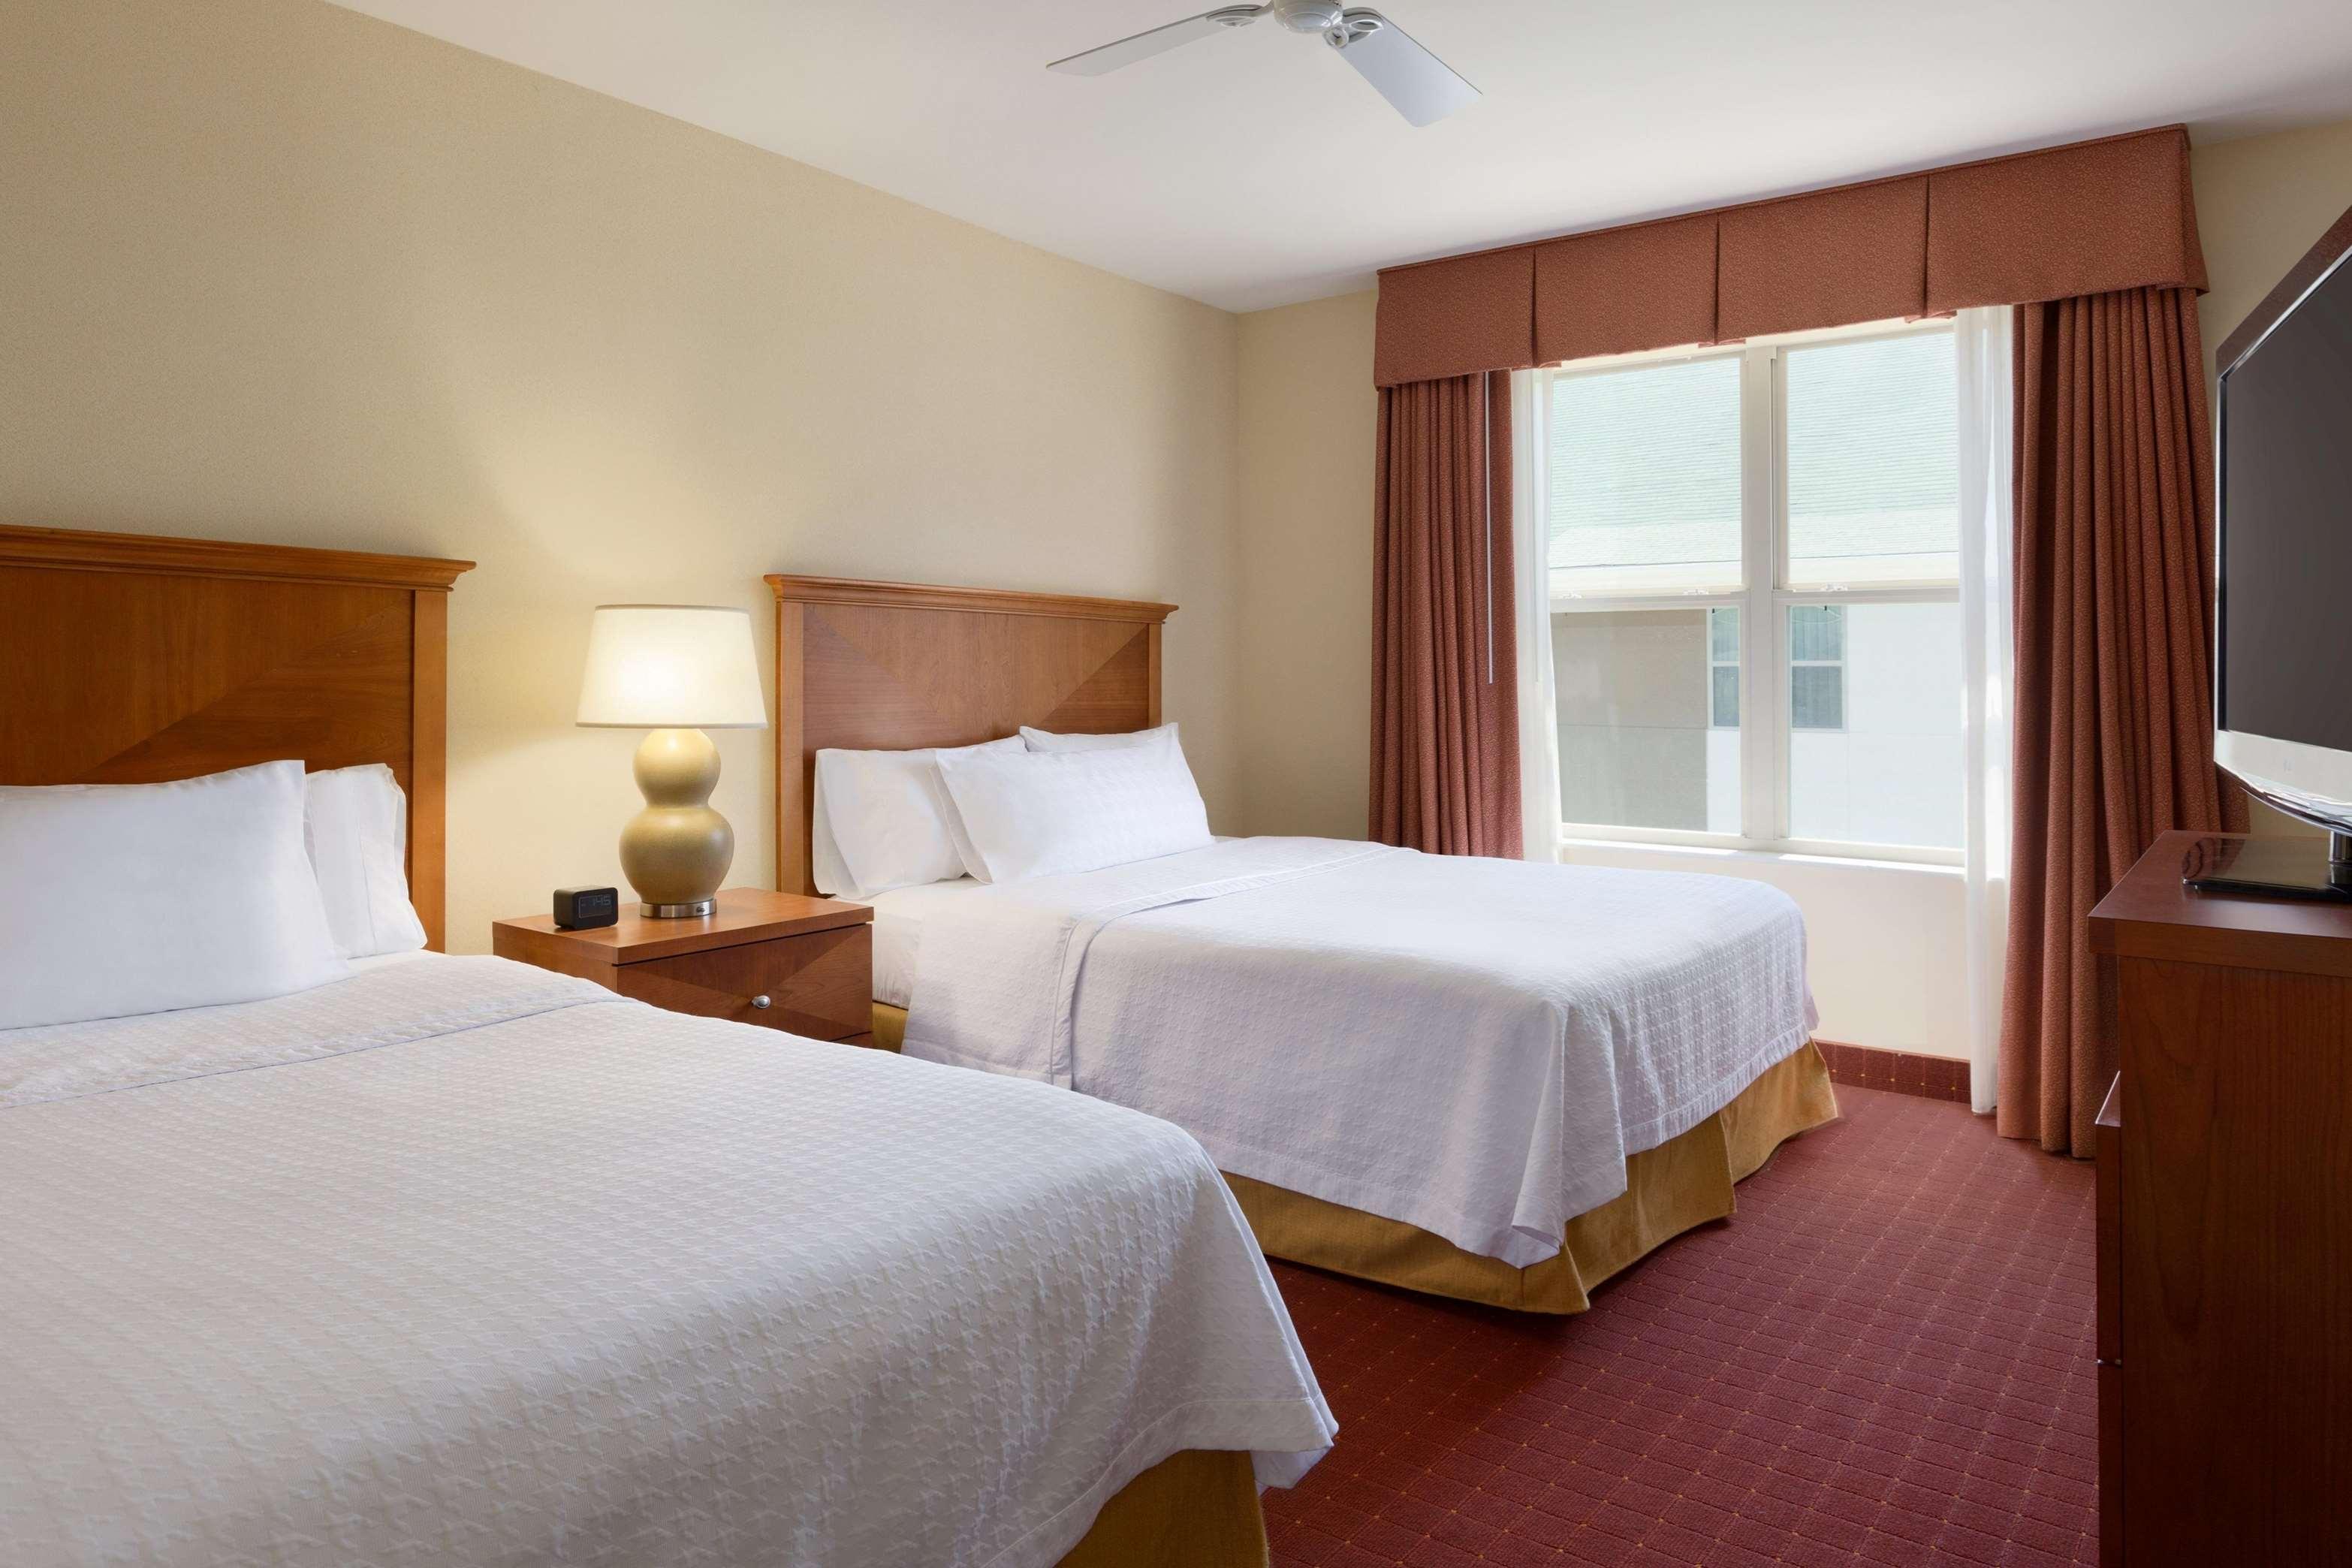 Homewood Suites by Hilton Dulles-North/Loudoun image 23